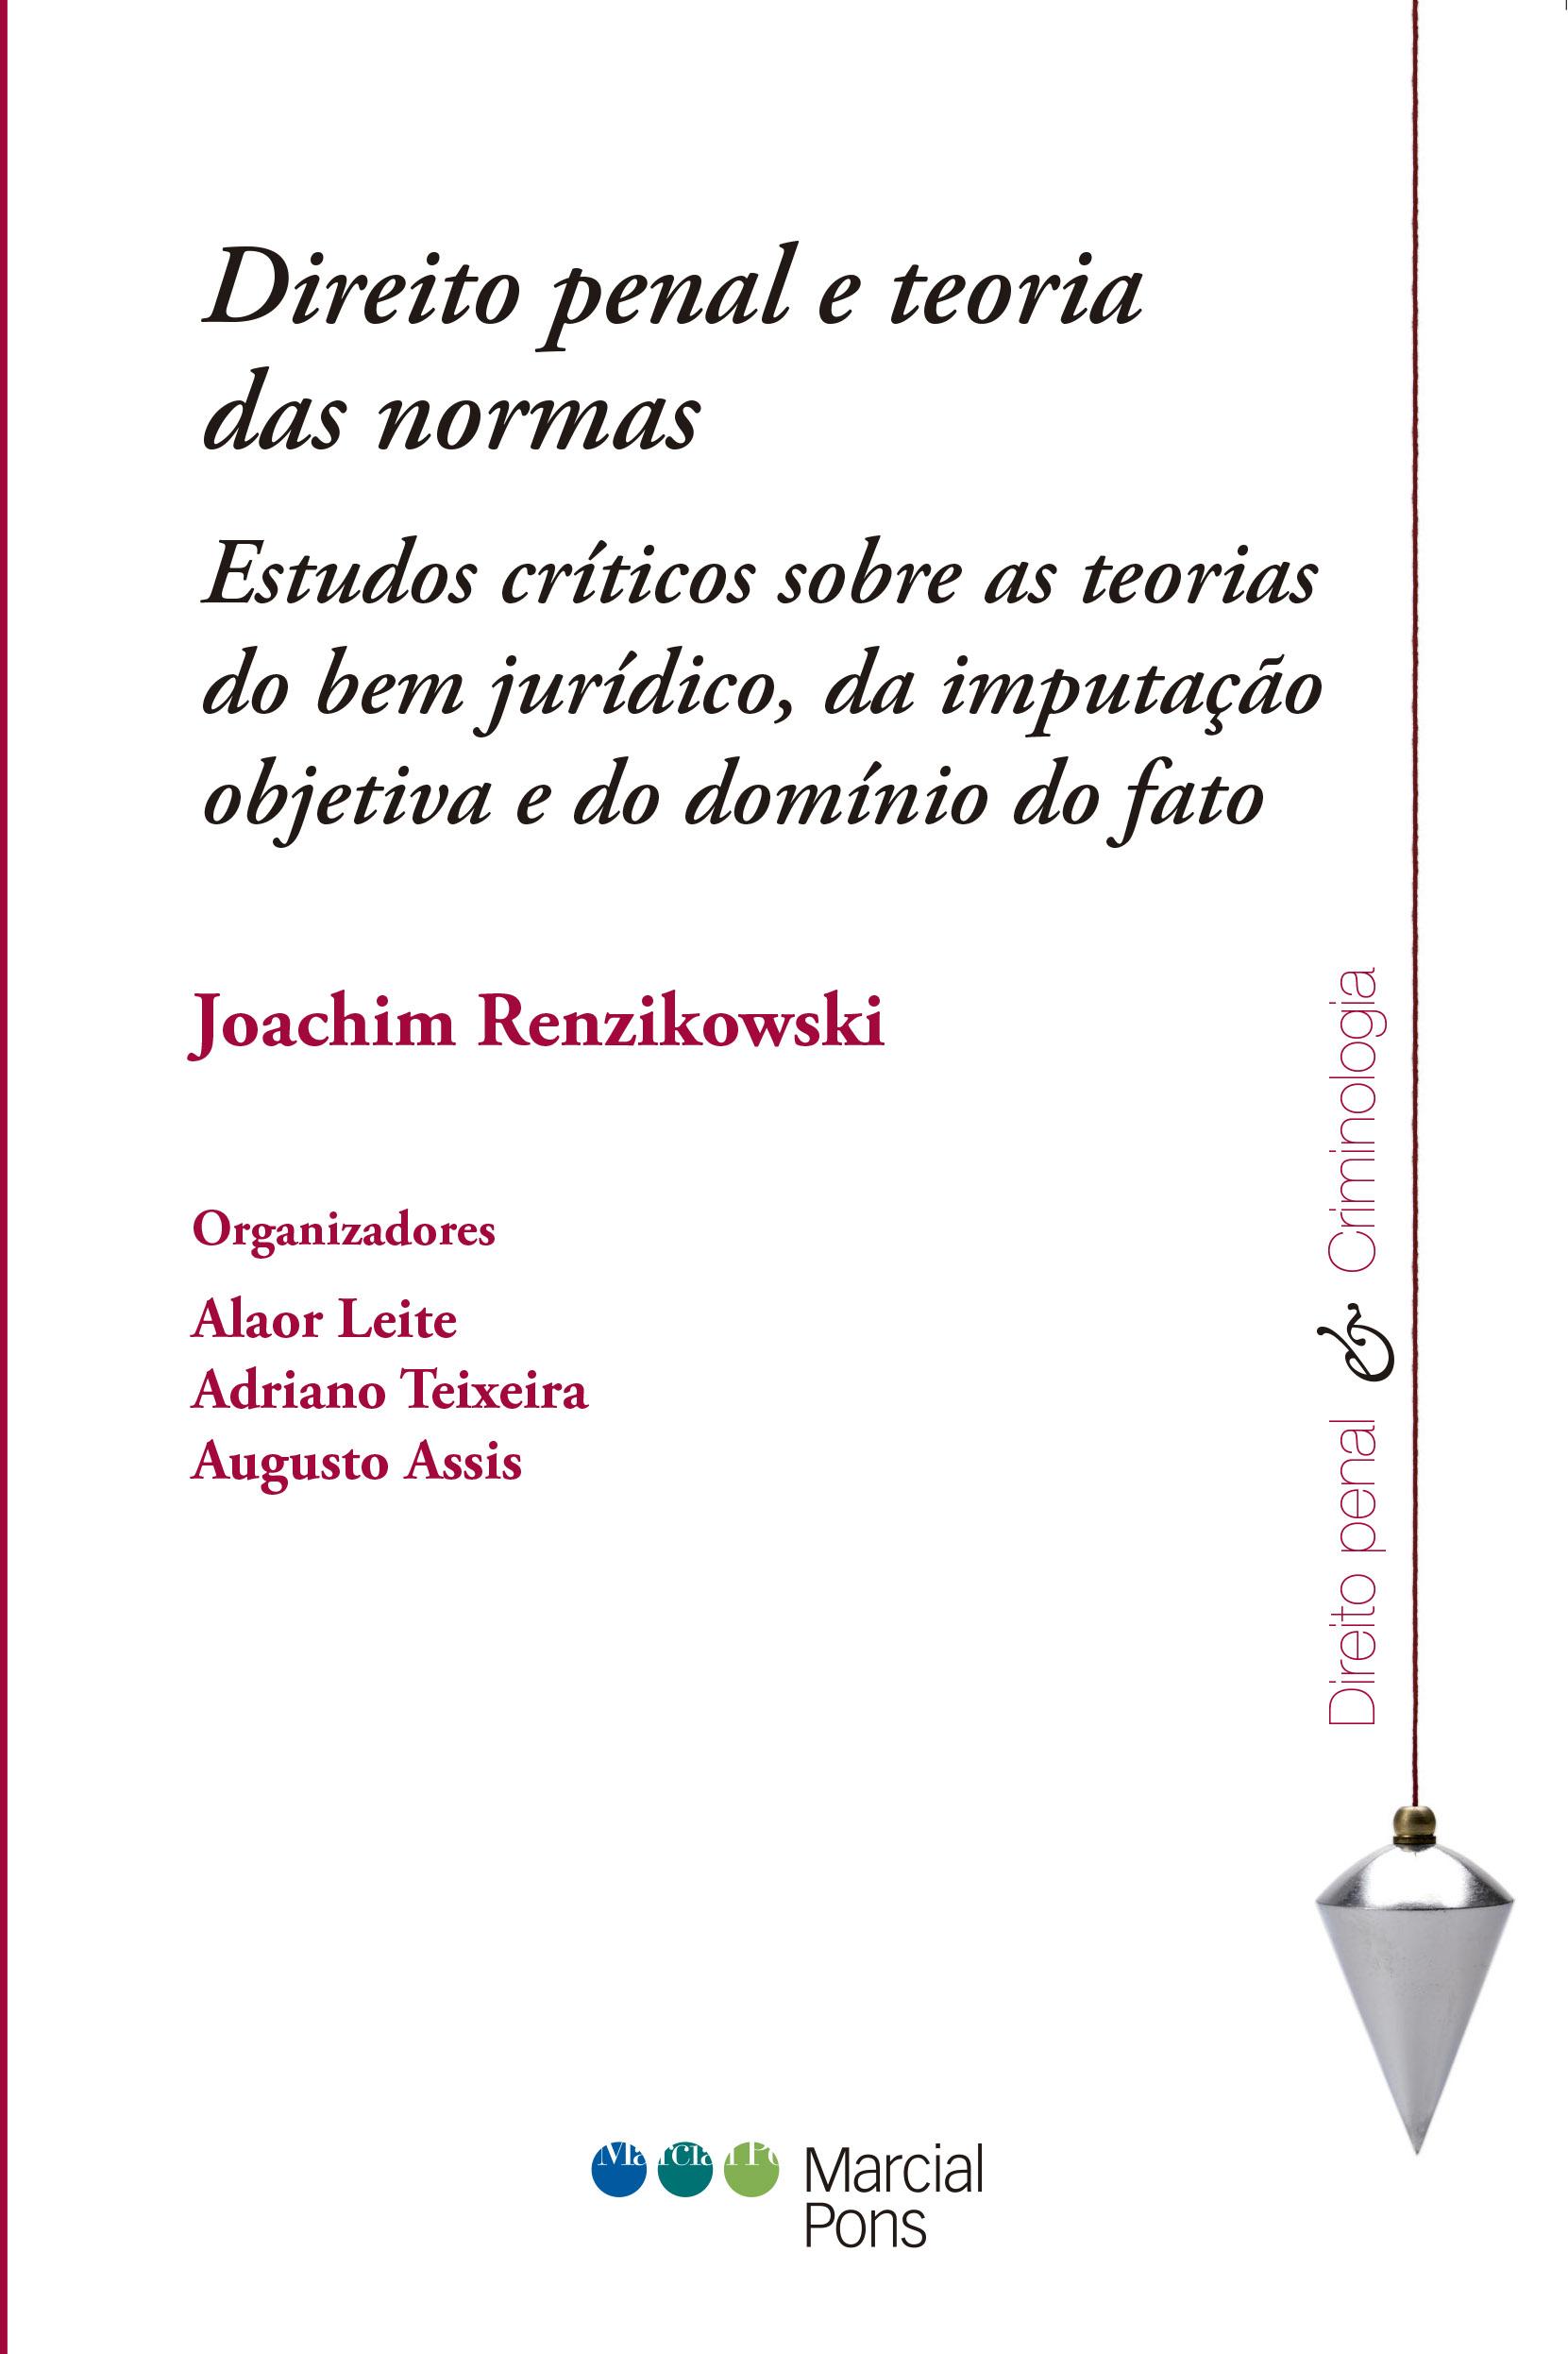 Portada del libro Direito penal e teoria das normas